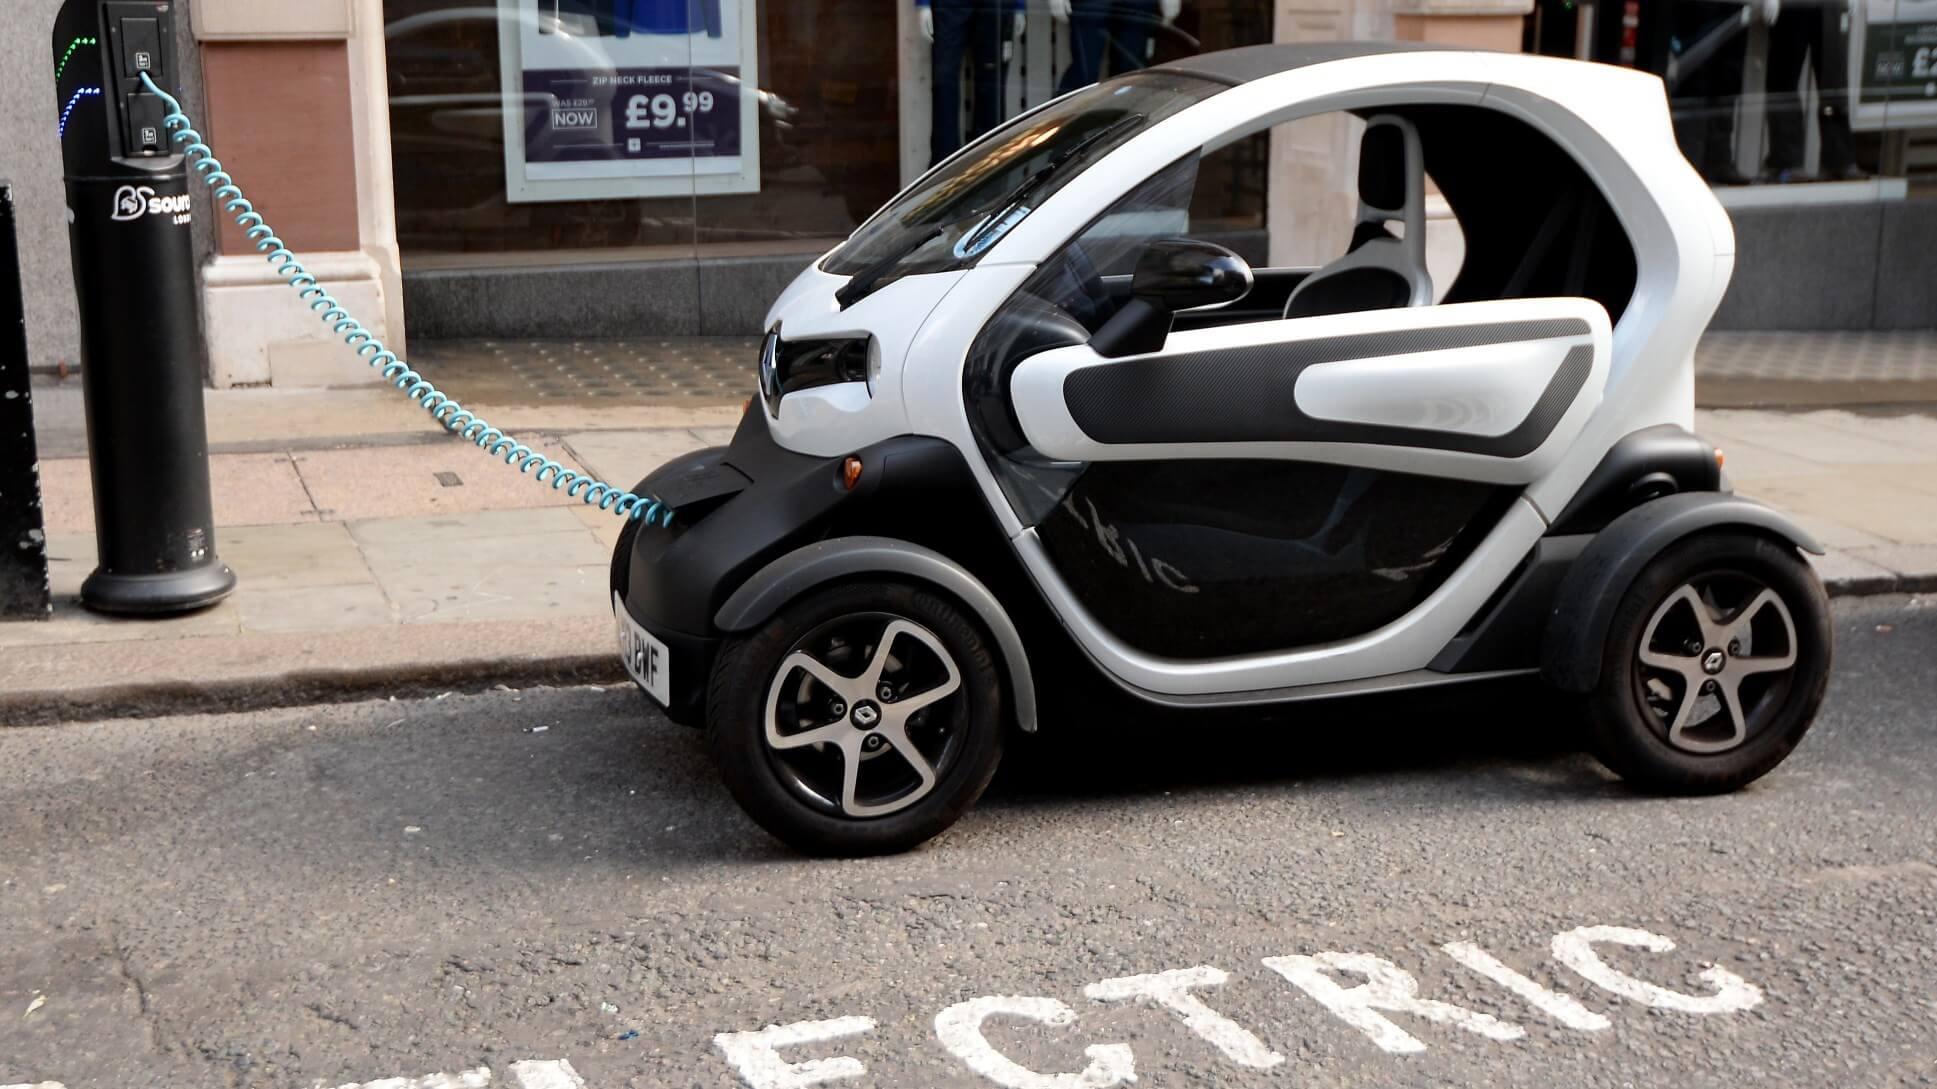 Quanto costa e come si ricarica un'auto elettrica?